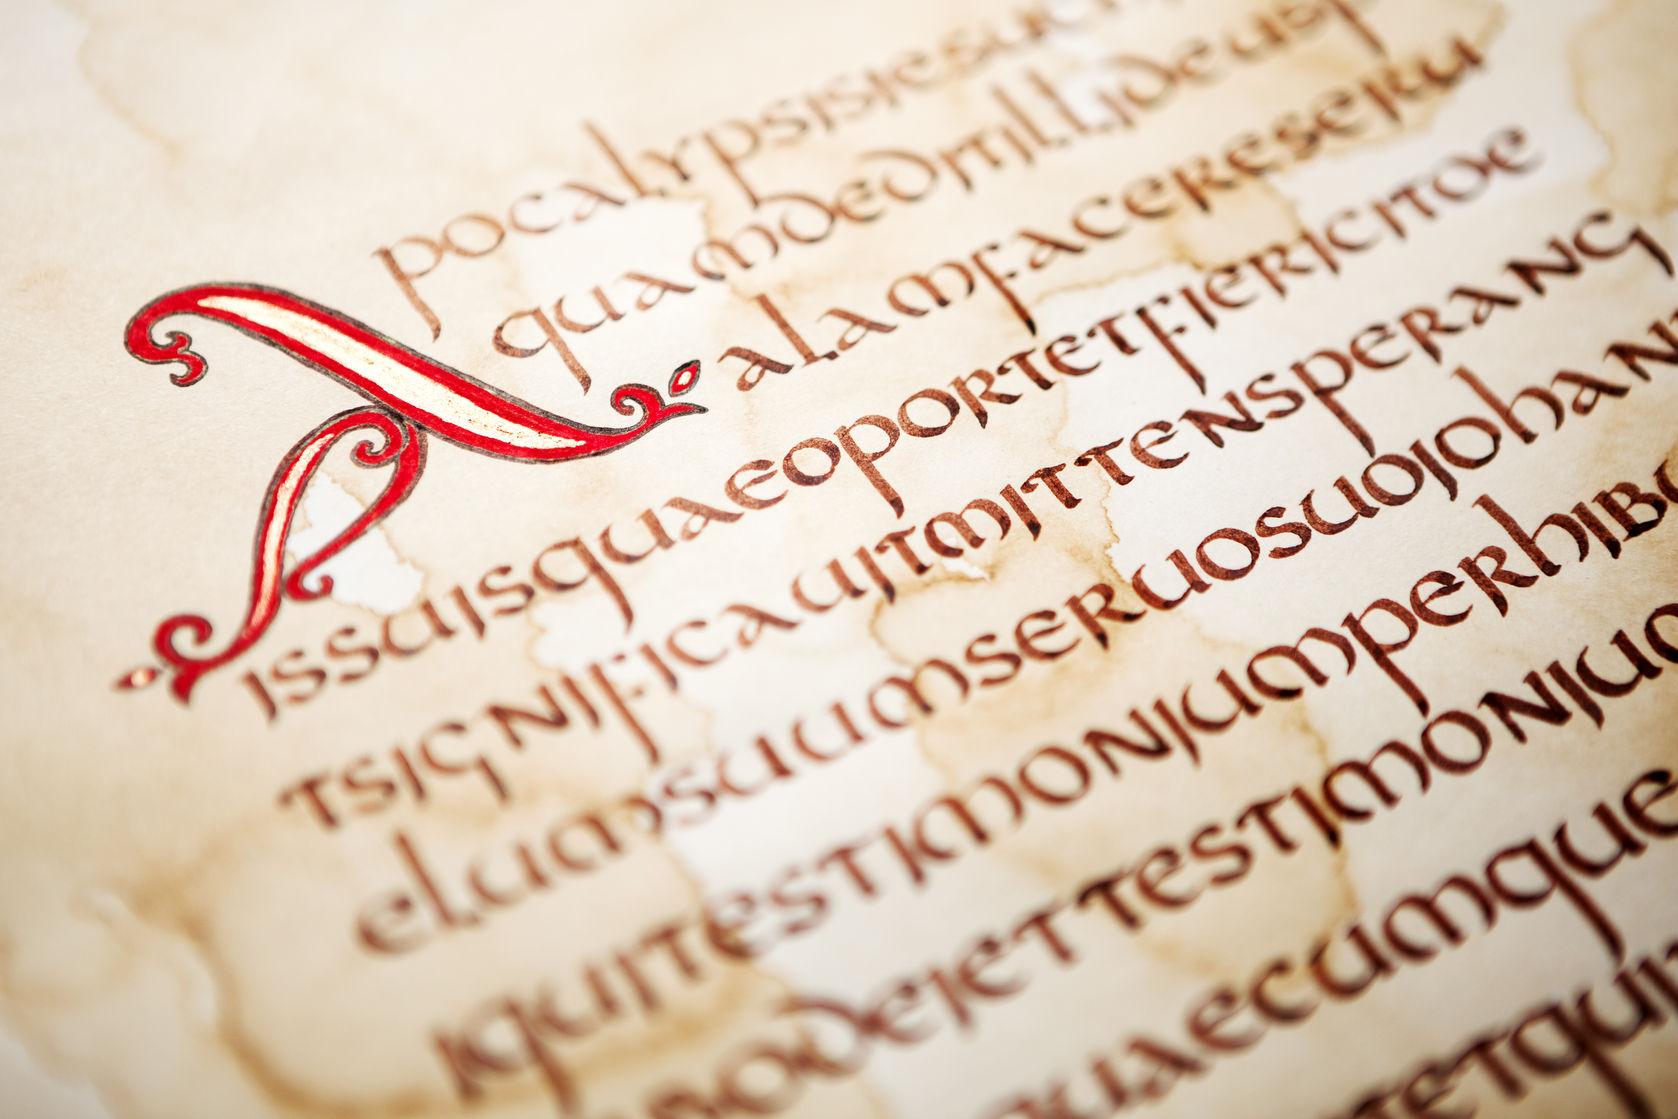 La yod: un sonido especial en la historia del castellano